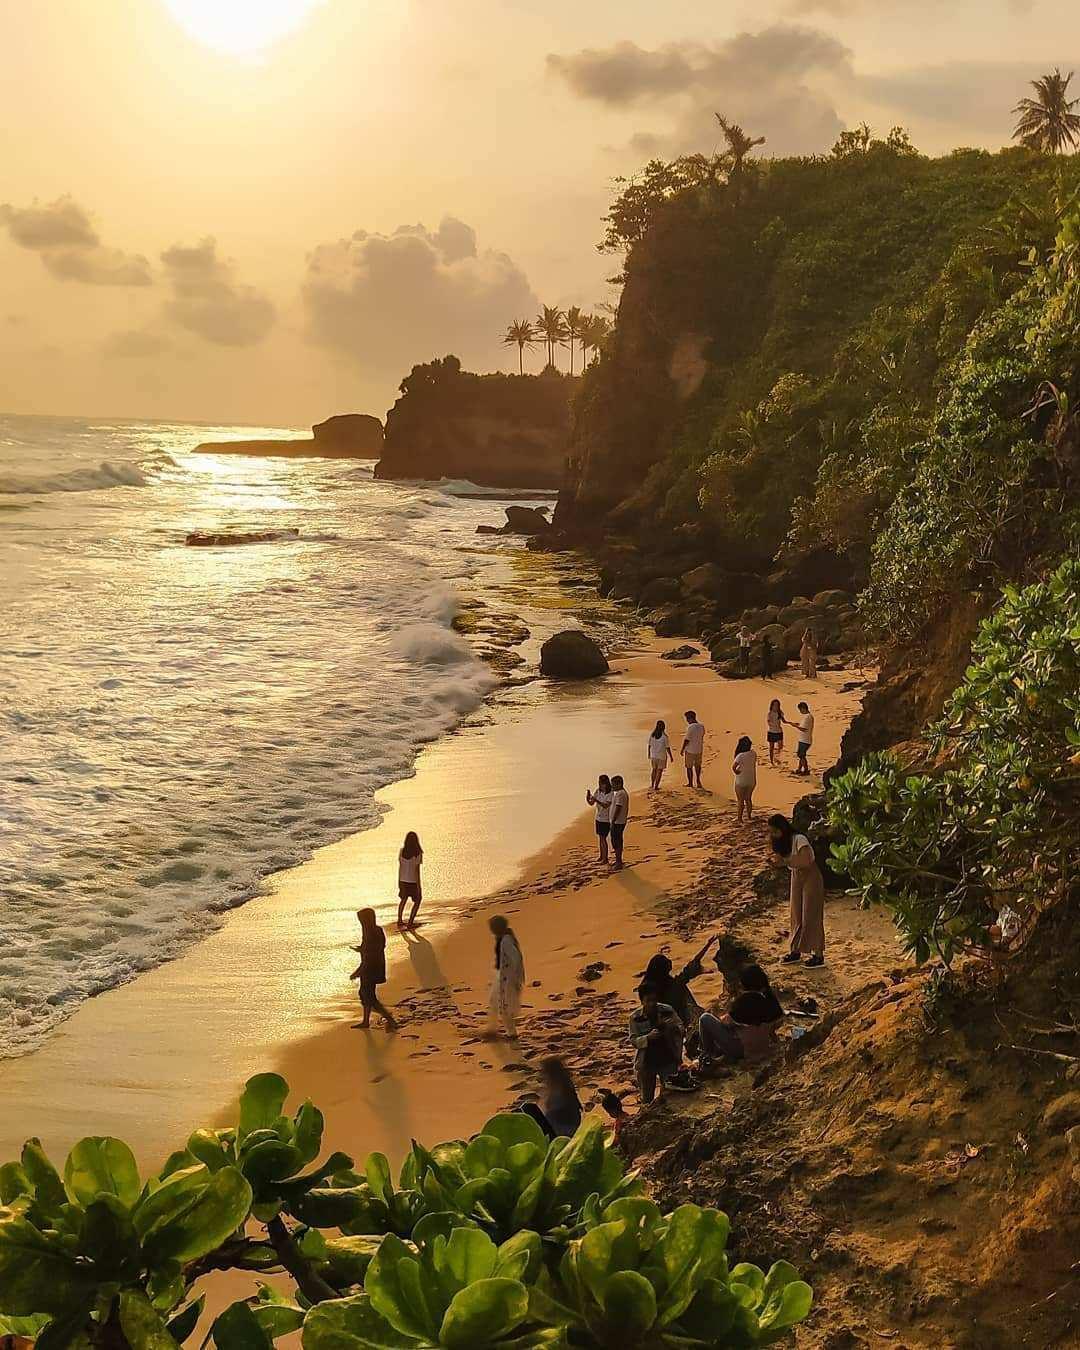 Suasana Pengunjung di Pantai Karang Gantungan Image From @asepbebek